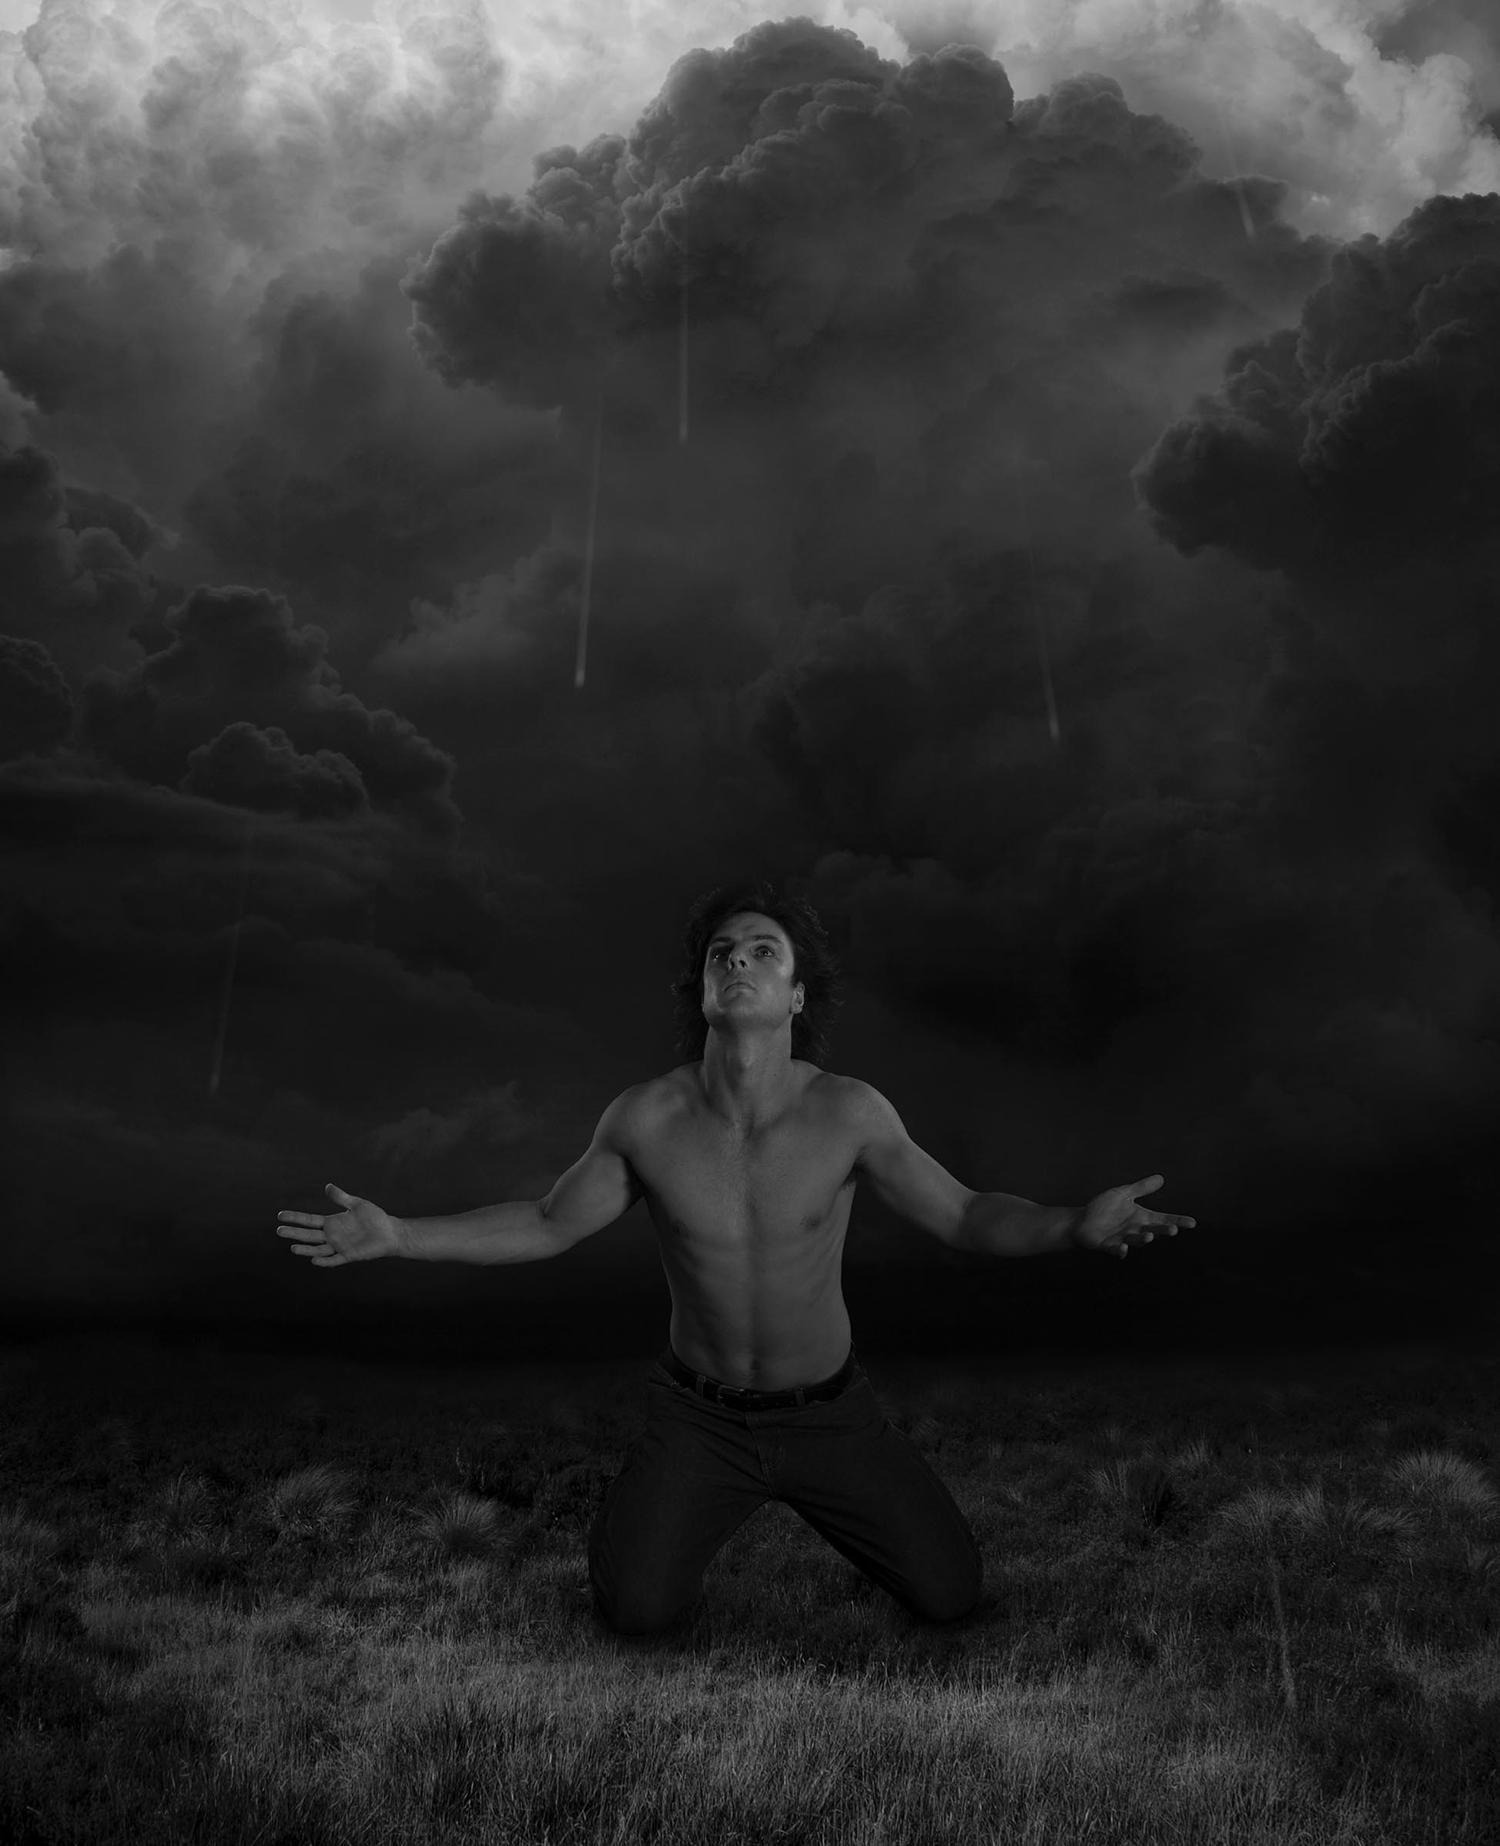 Josh_Storm fin